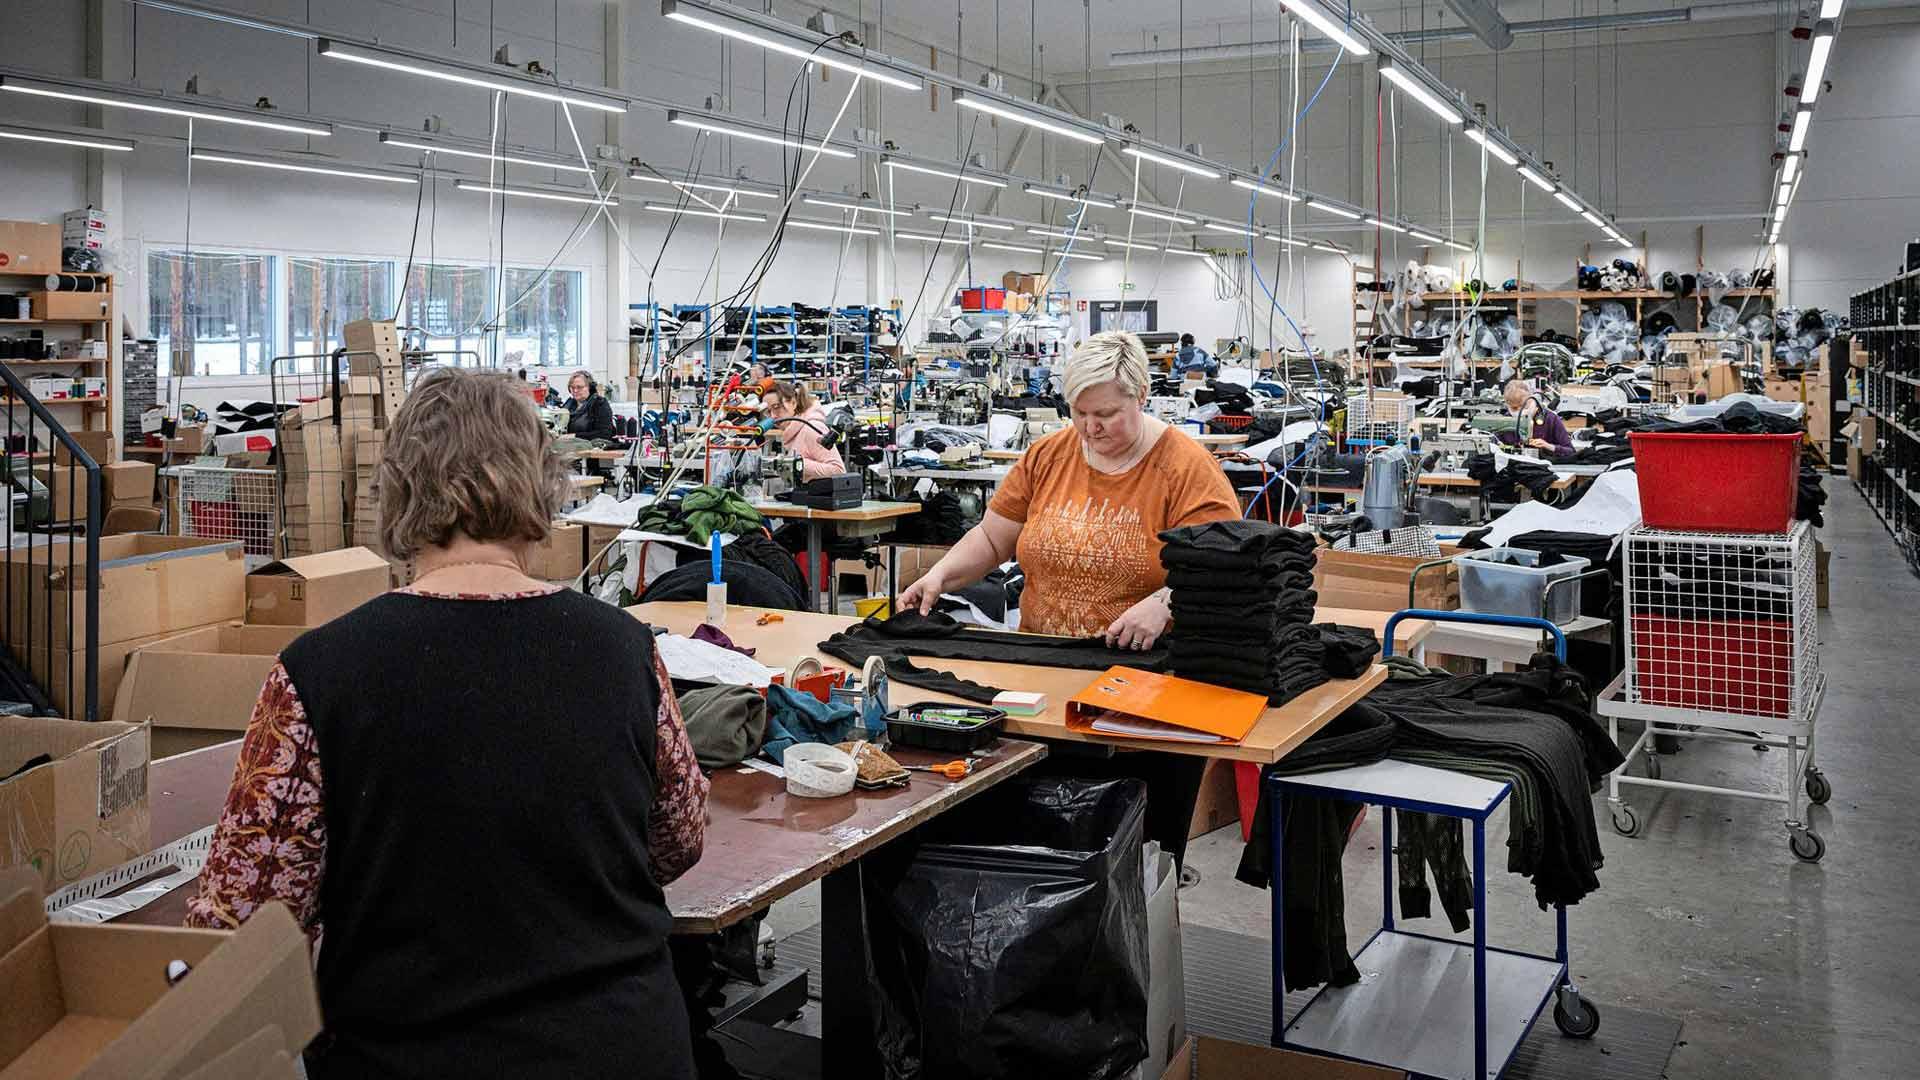 Svalan vaatetehtaassa työntekijöitä pyritään suojelemaan tartuntariskeiltä, jotta tuotanto voi jatkua.